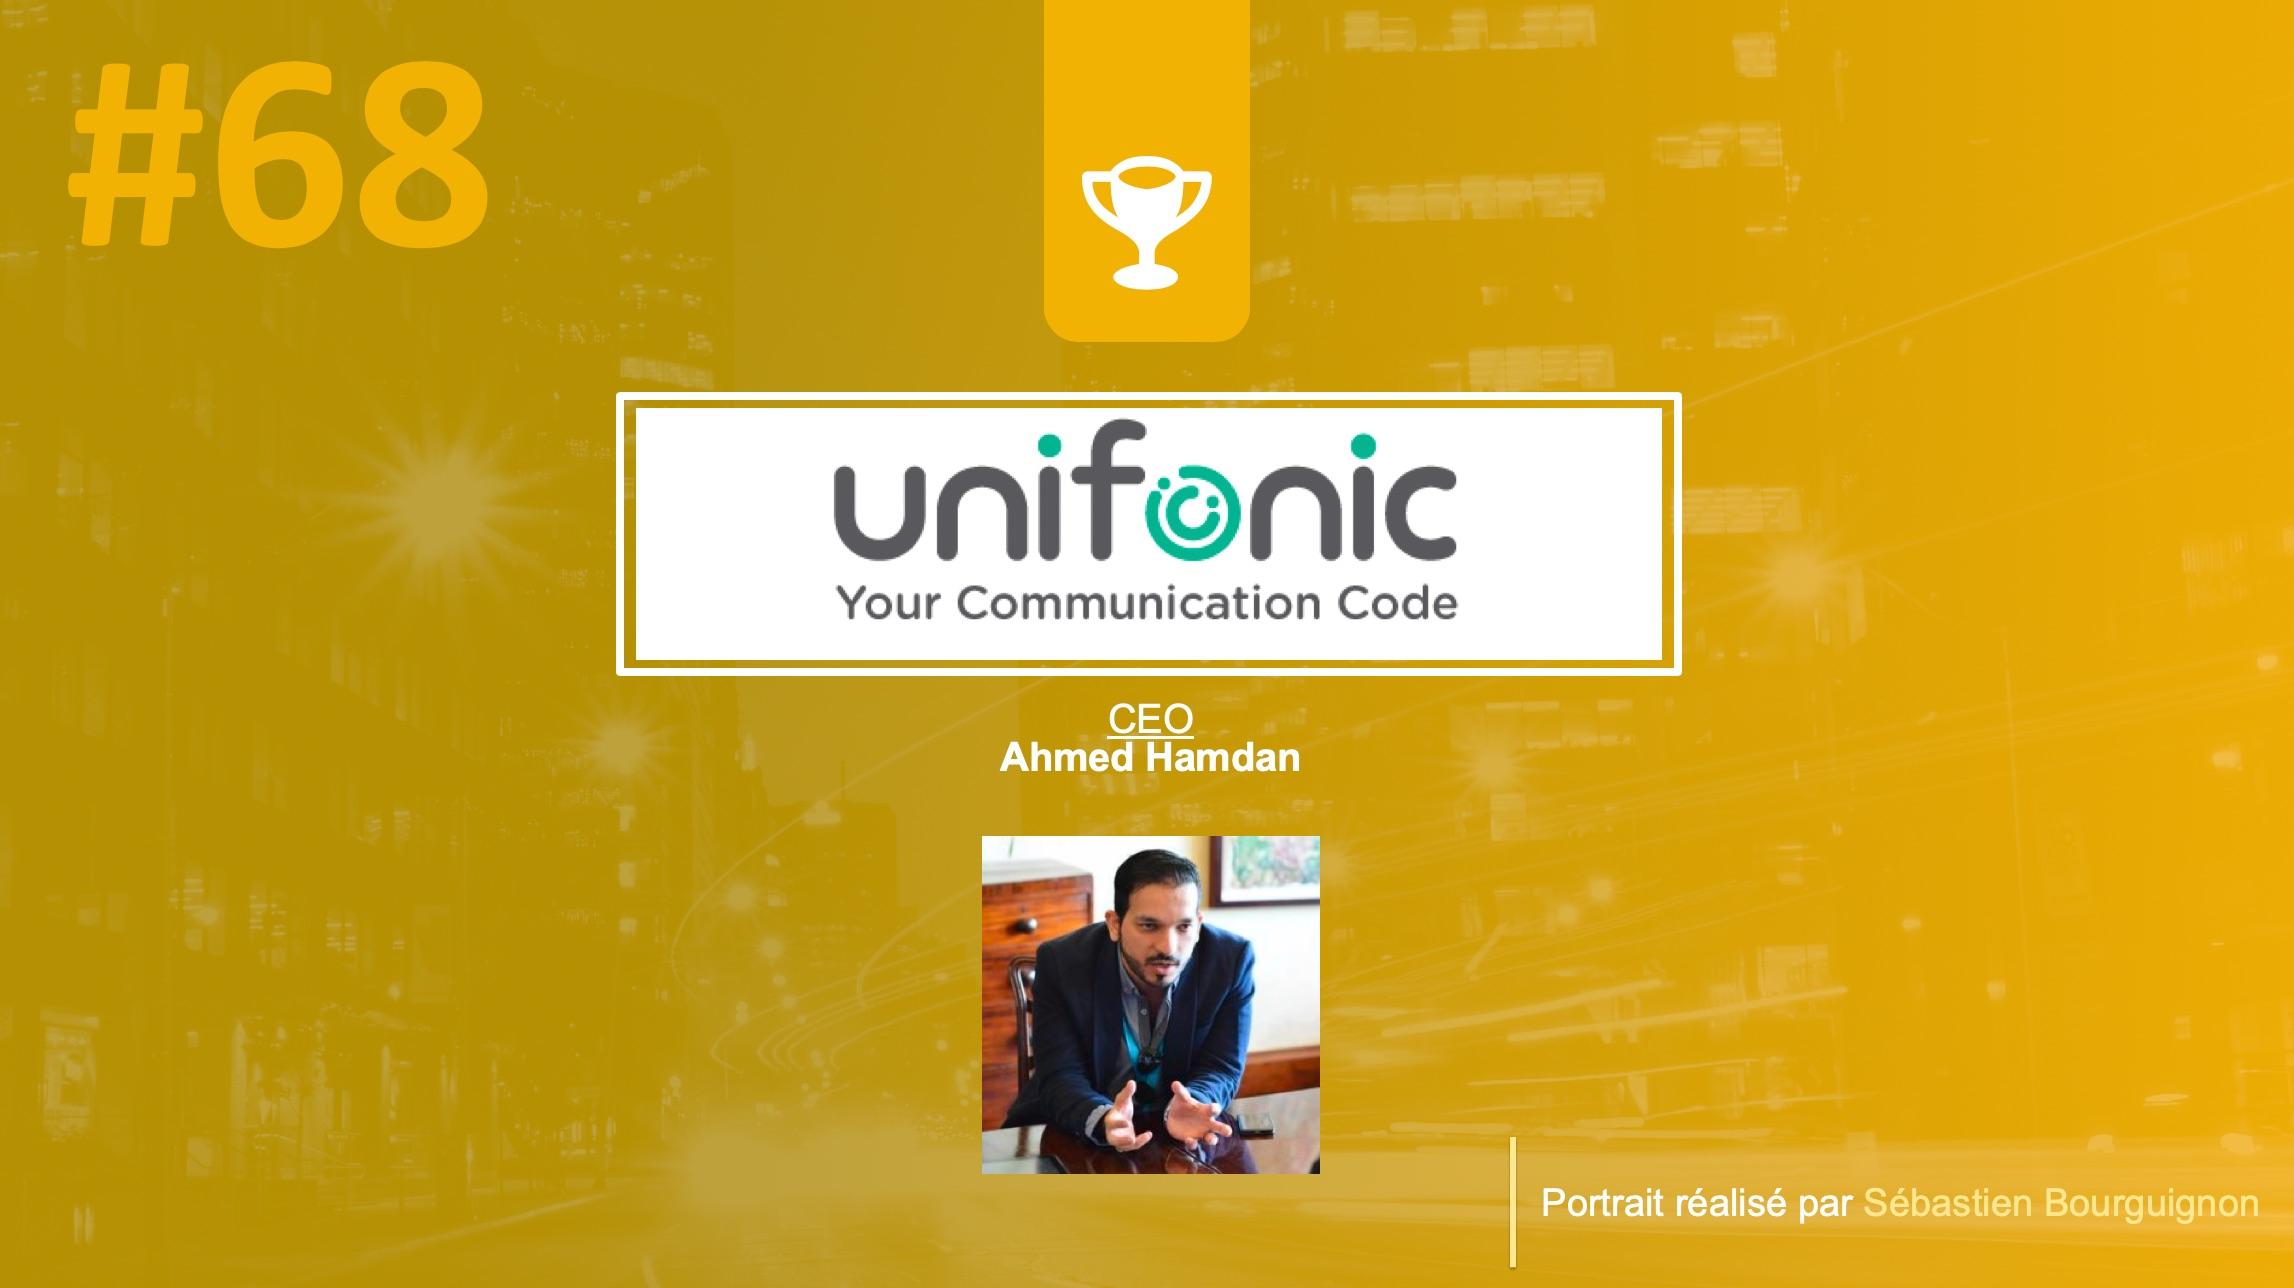 unifonic